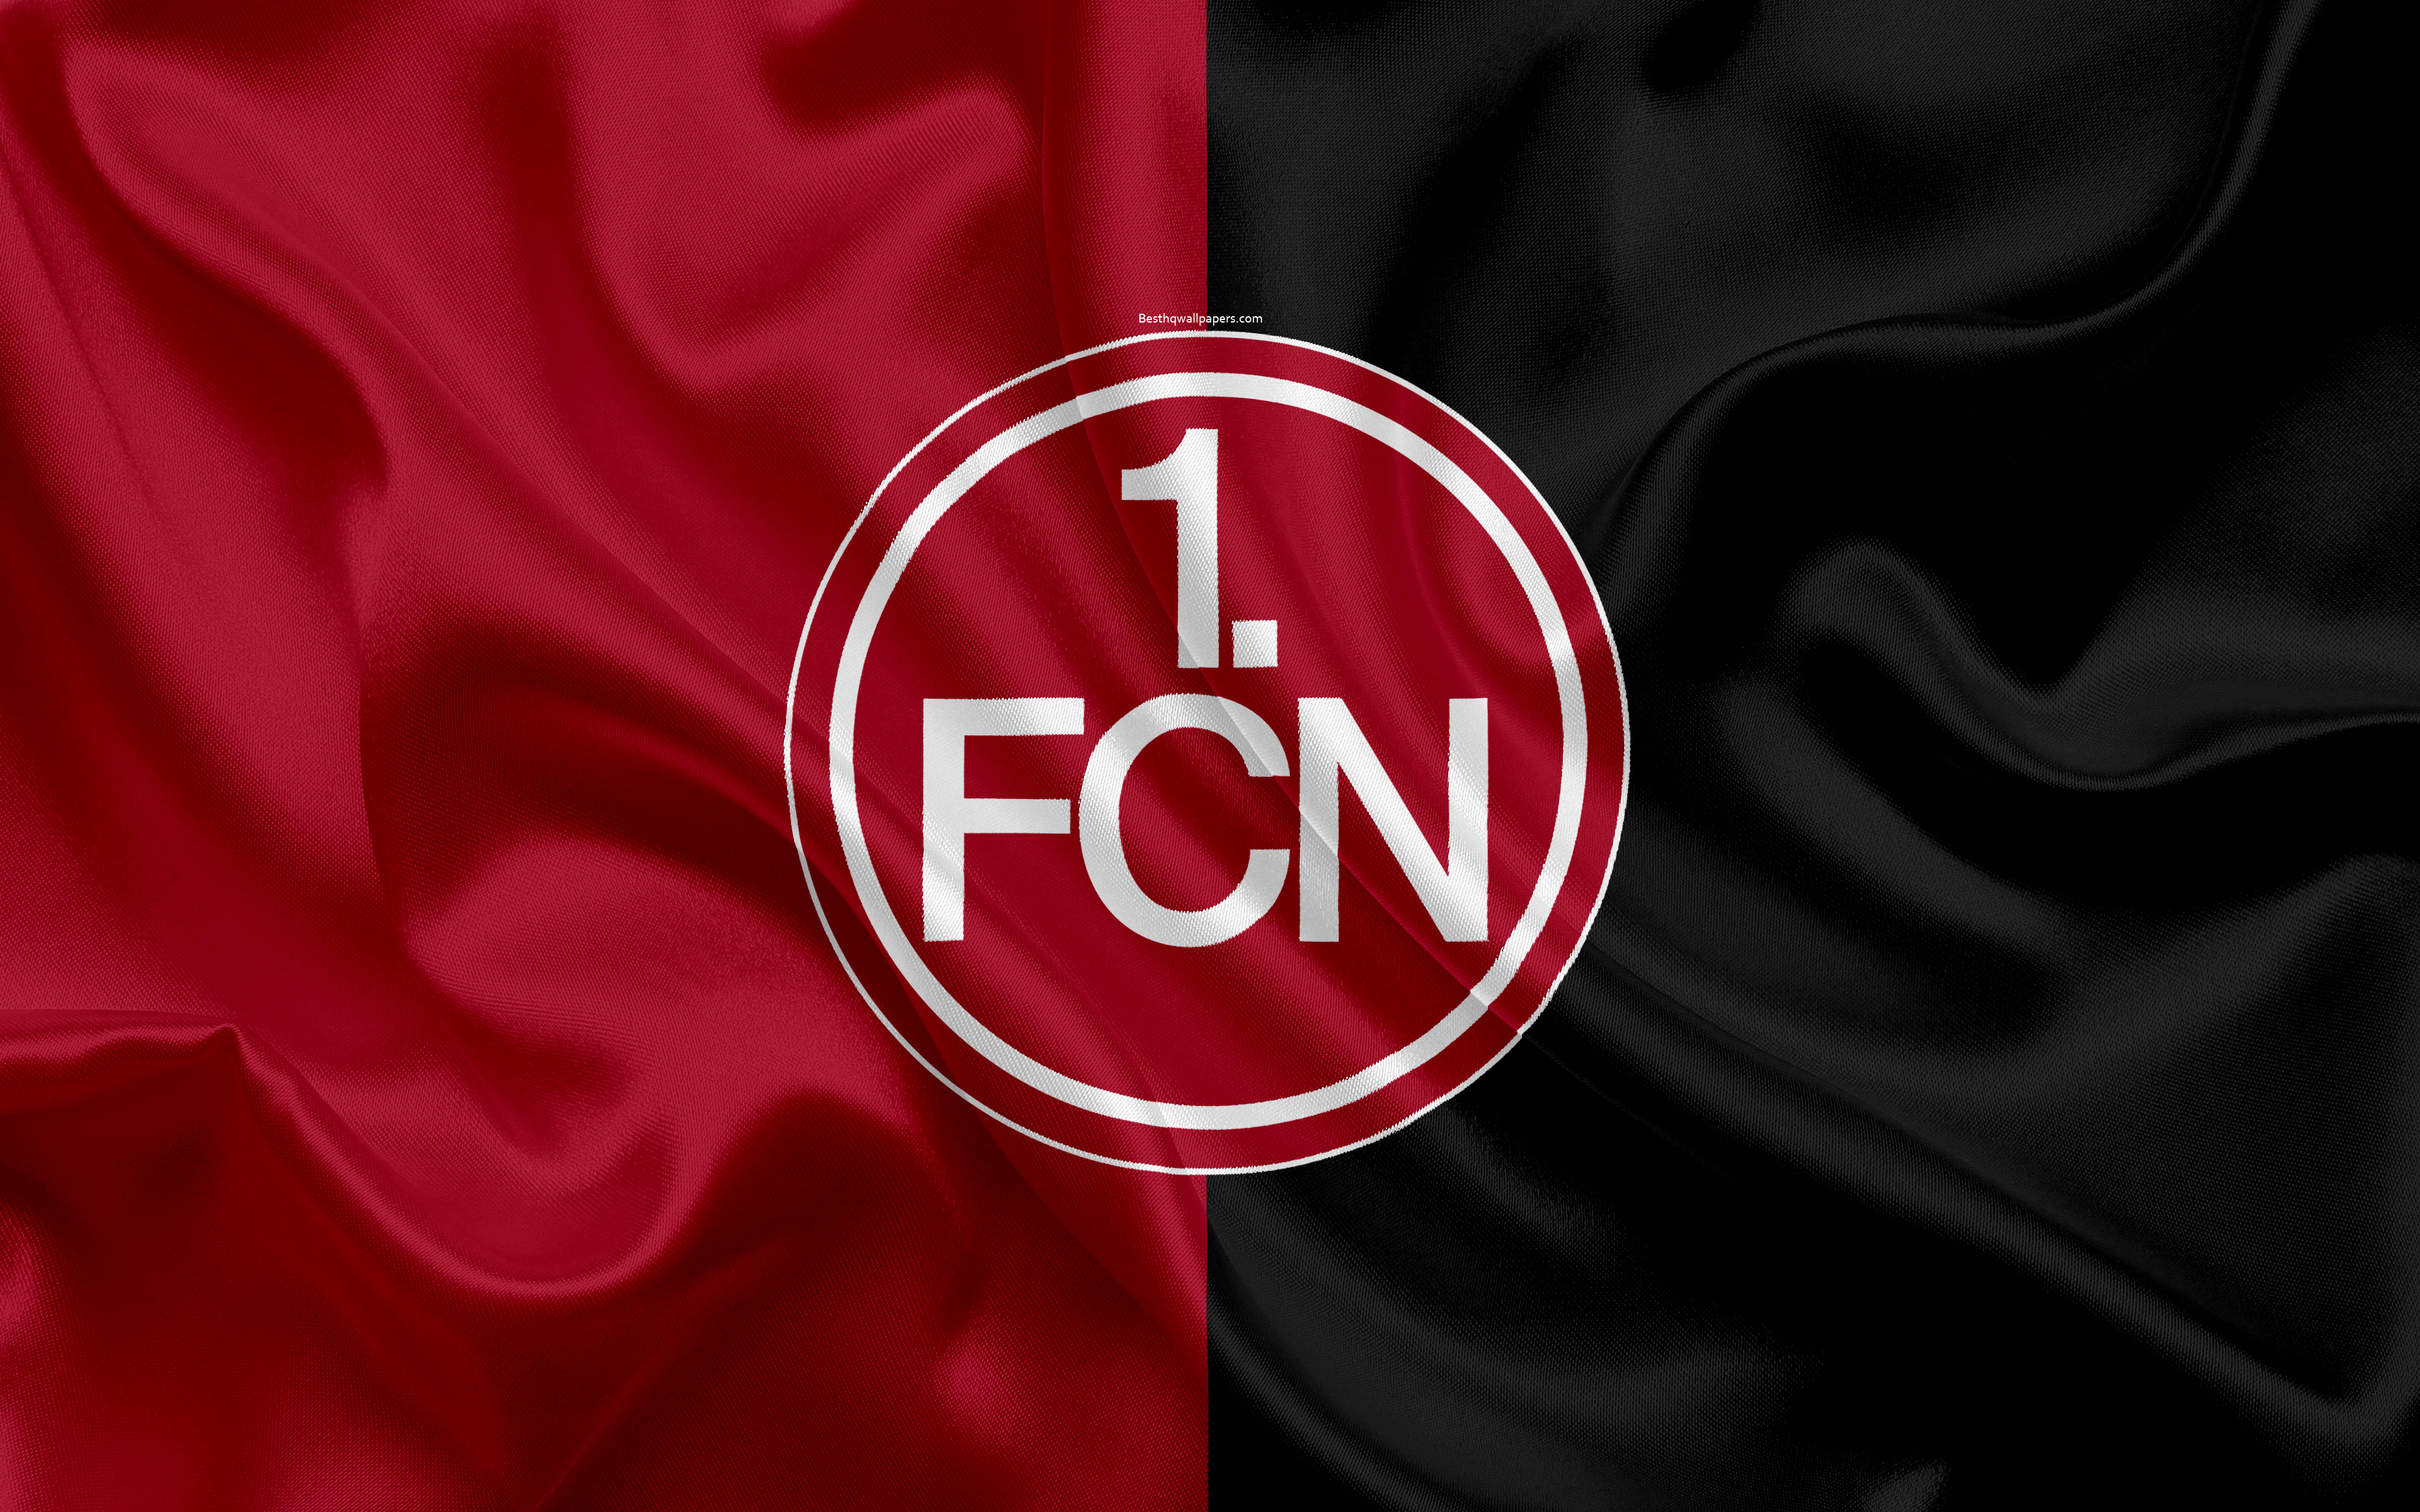 Montag Sportbox zum Spiel VFB-FCN geöffnet.